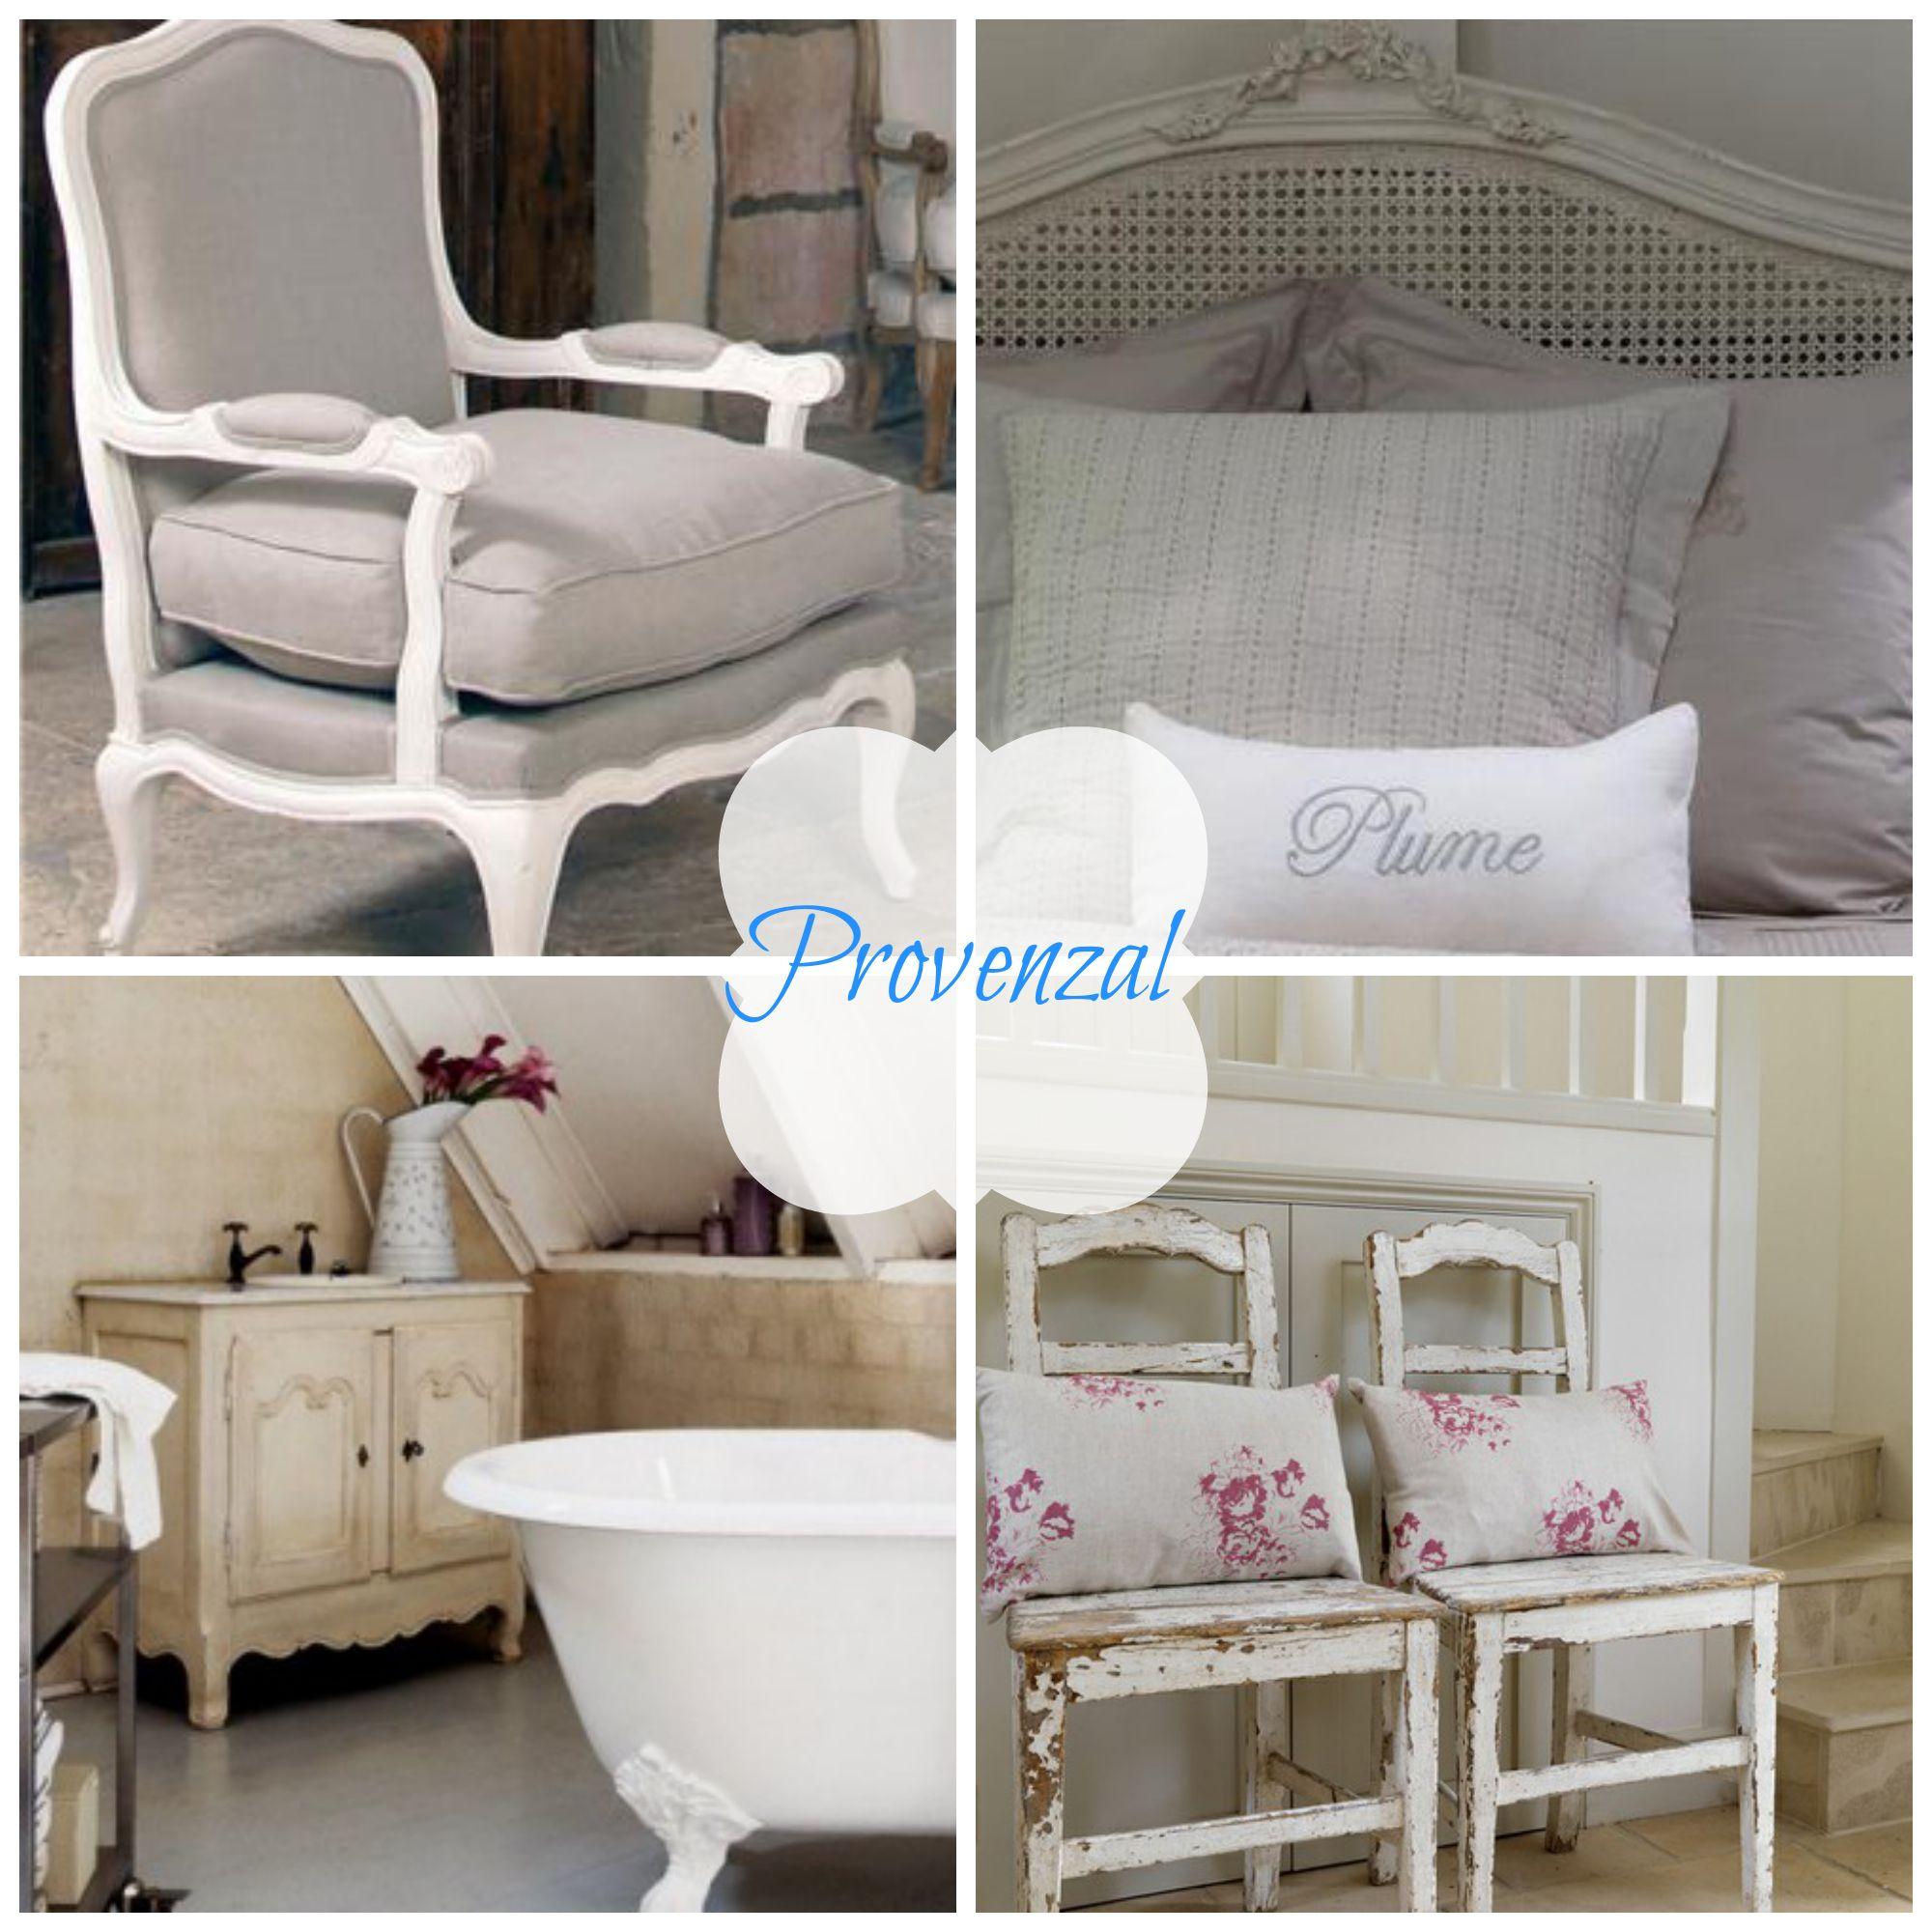 Muebles estilo provenzal posts monde vintage pinterest - Estilo provenzal muebles ...